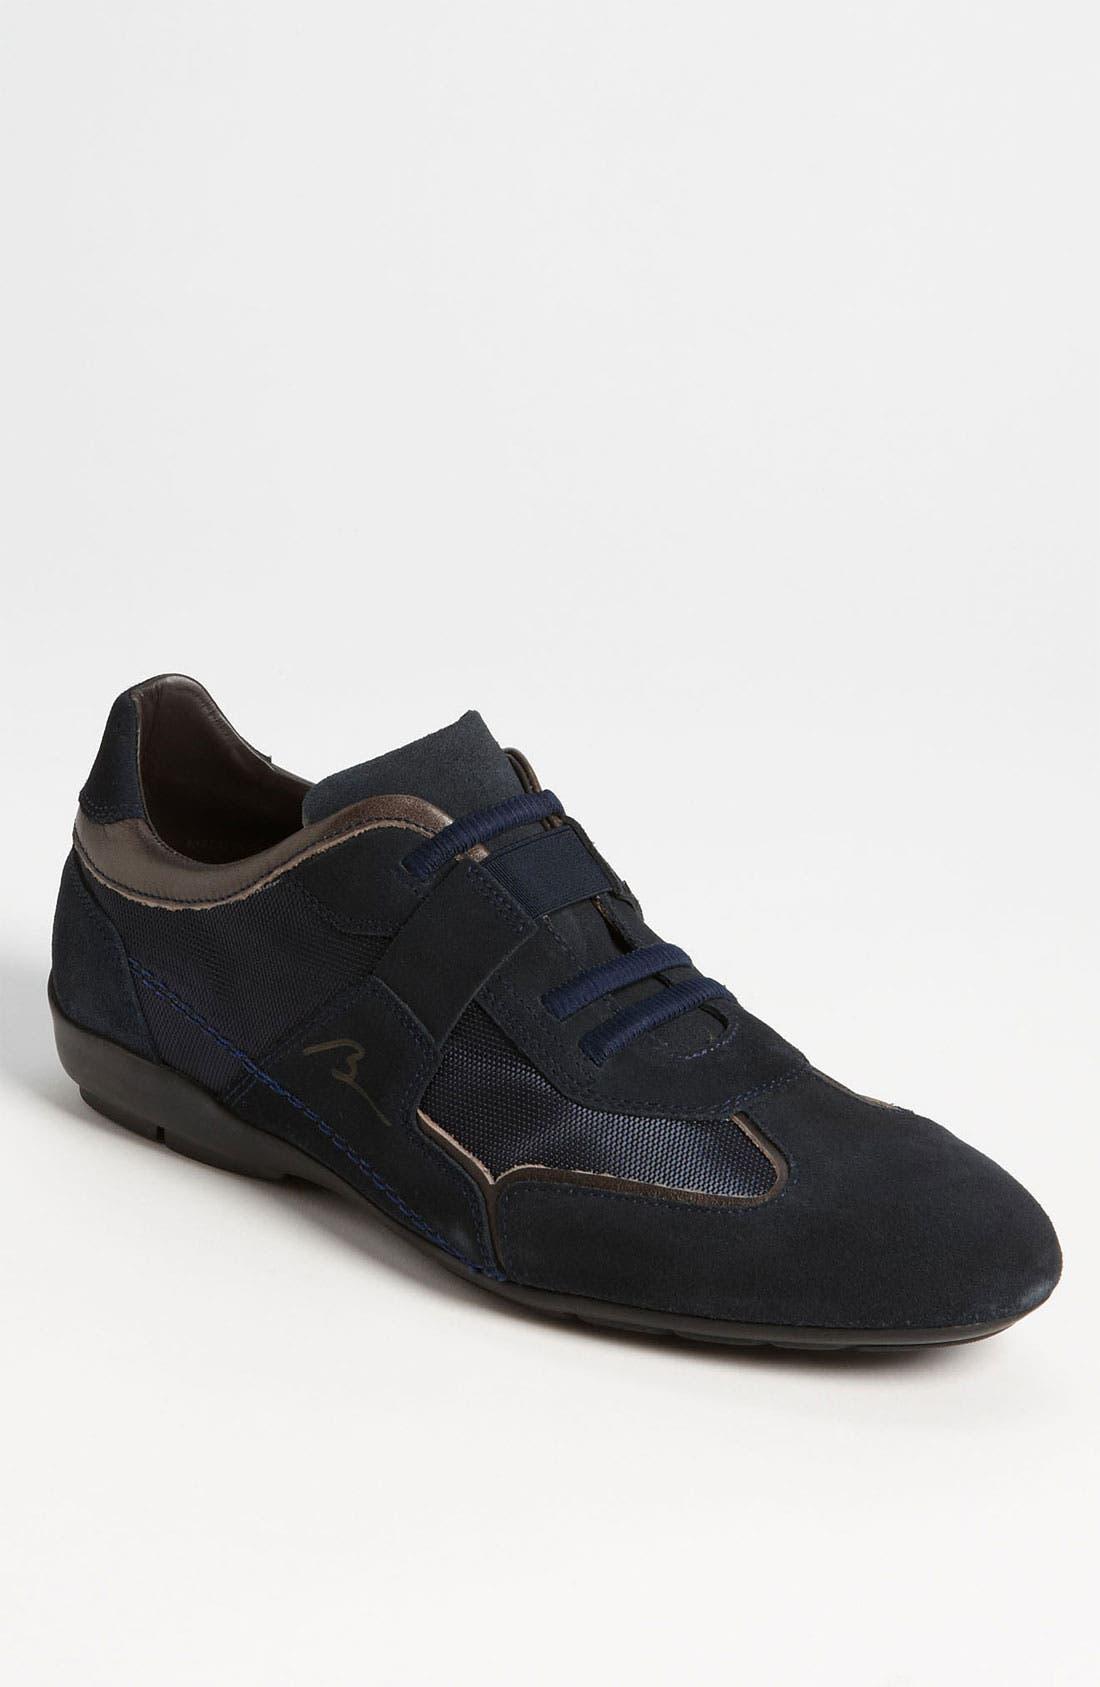 Main Image - Bacco Bucci 'Palmiro' Sneaker